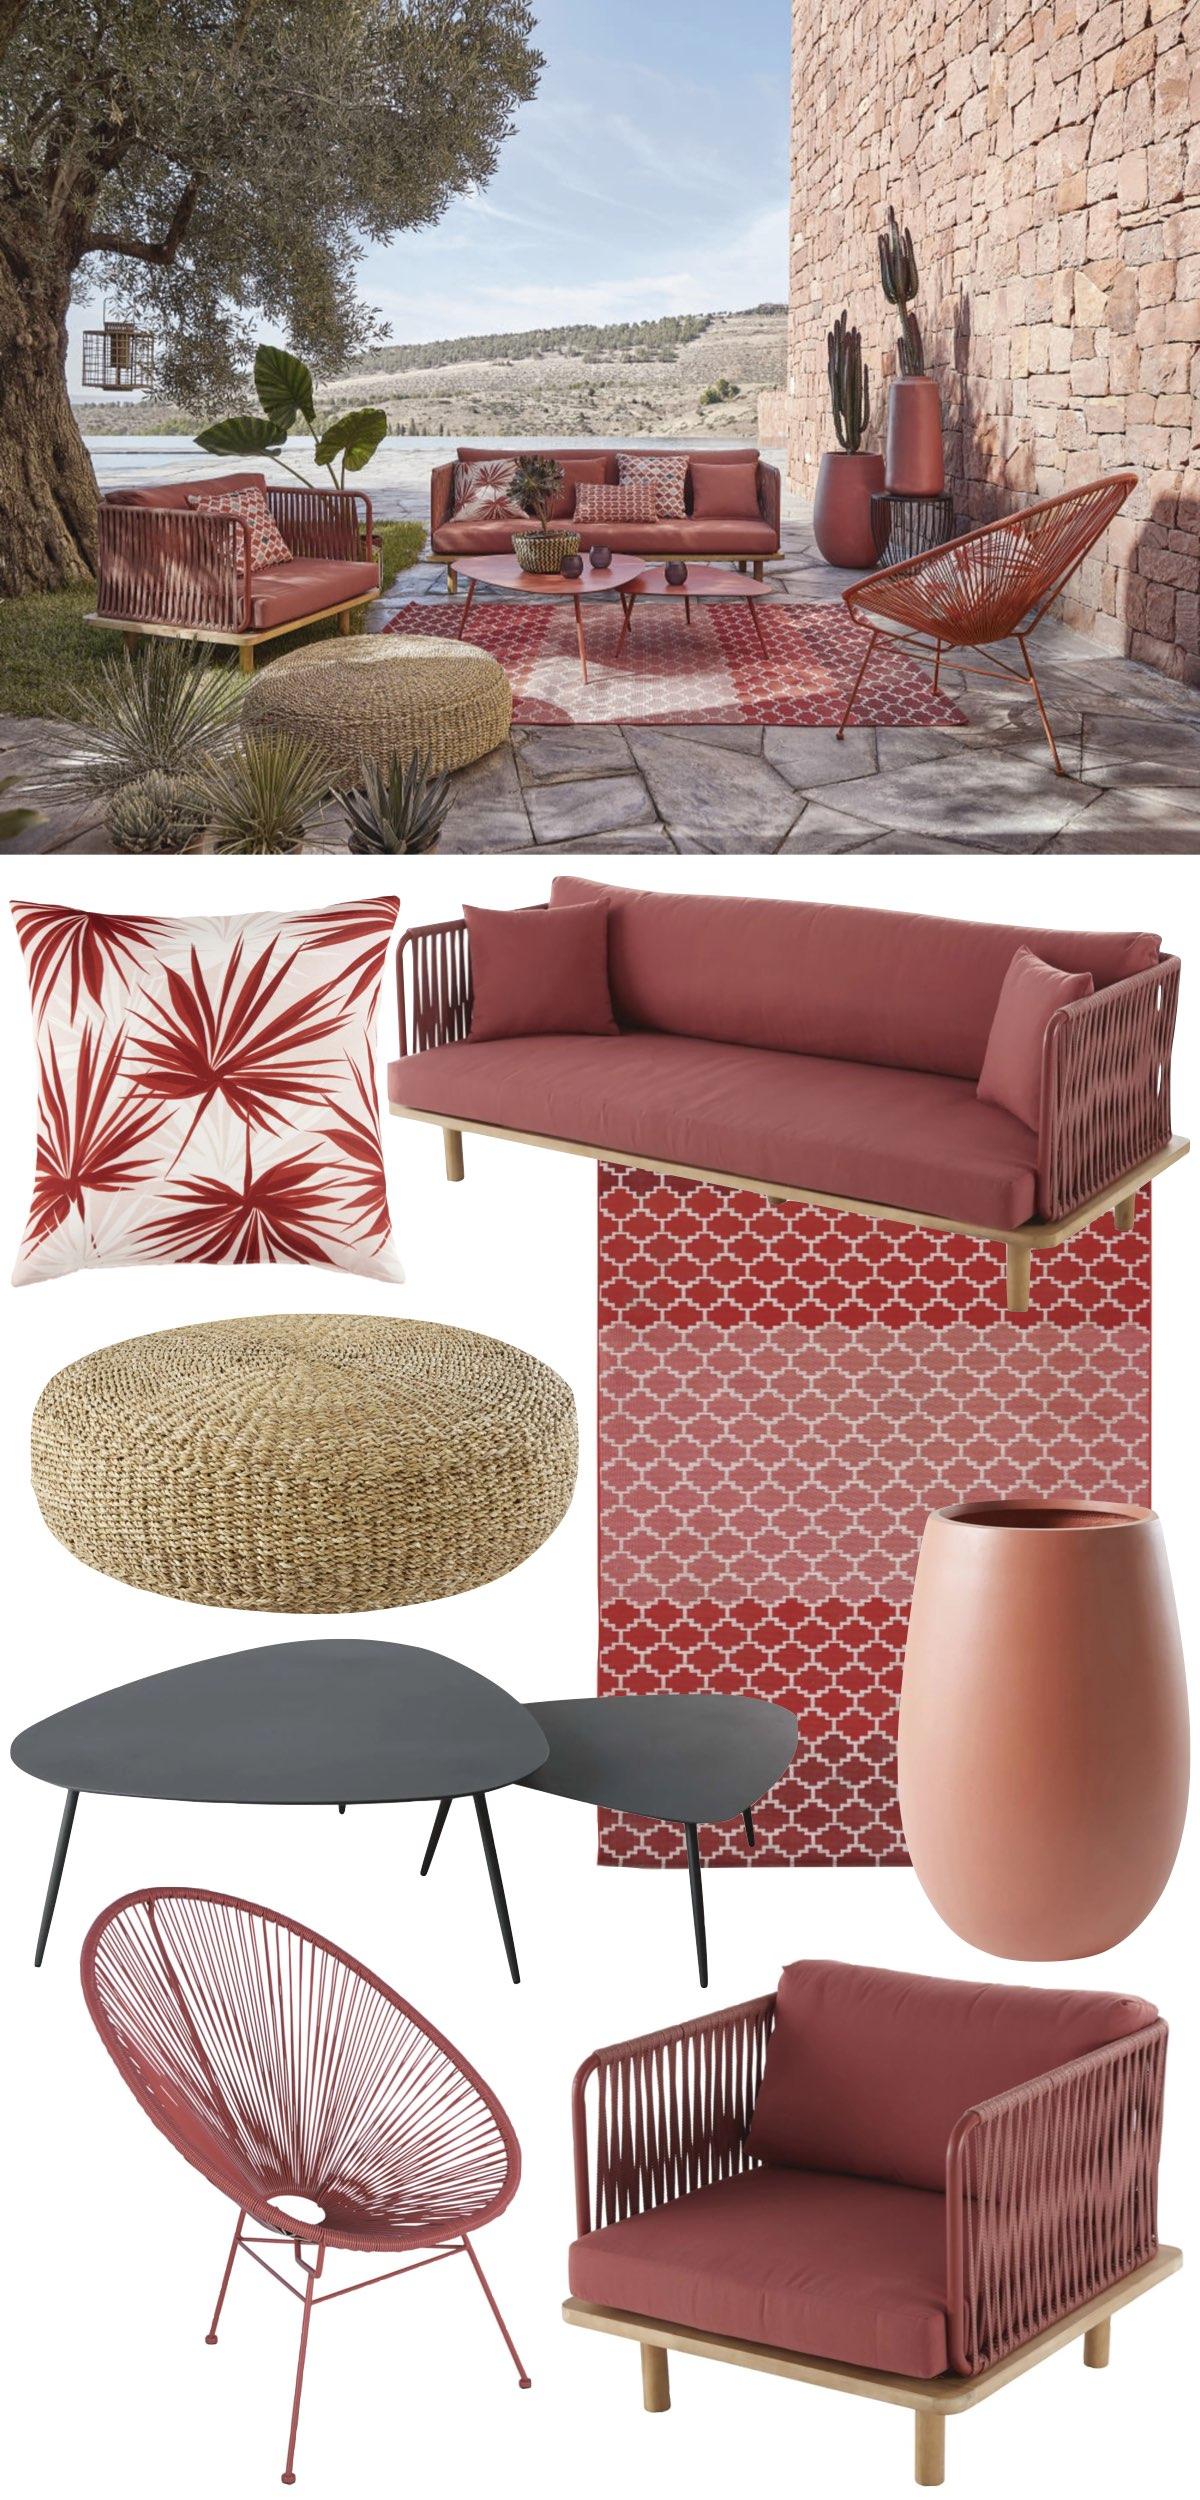 salon de jardin meuble mobilier corde rouge terracotta - blog déco - clem around the corner